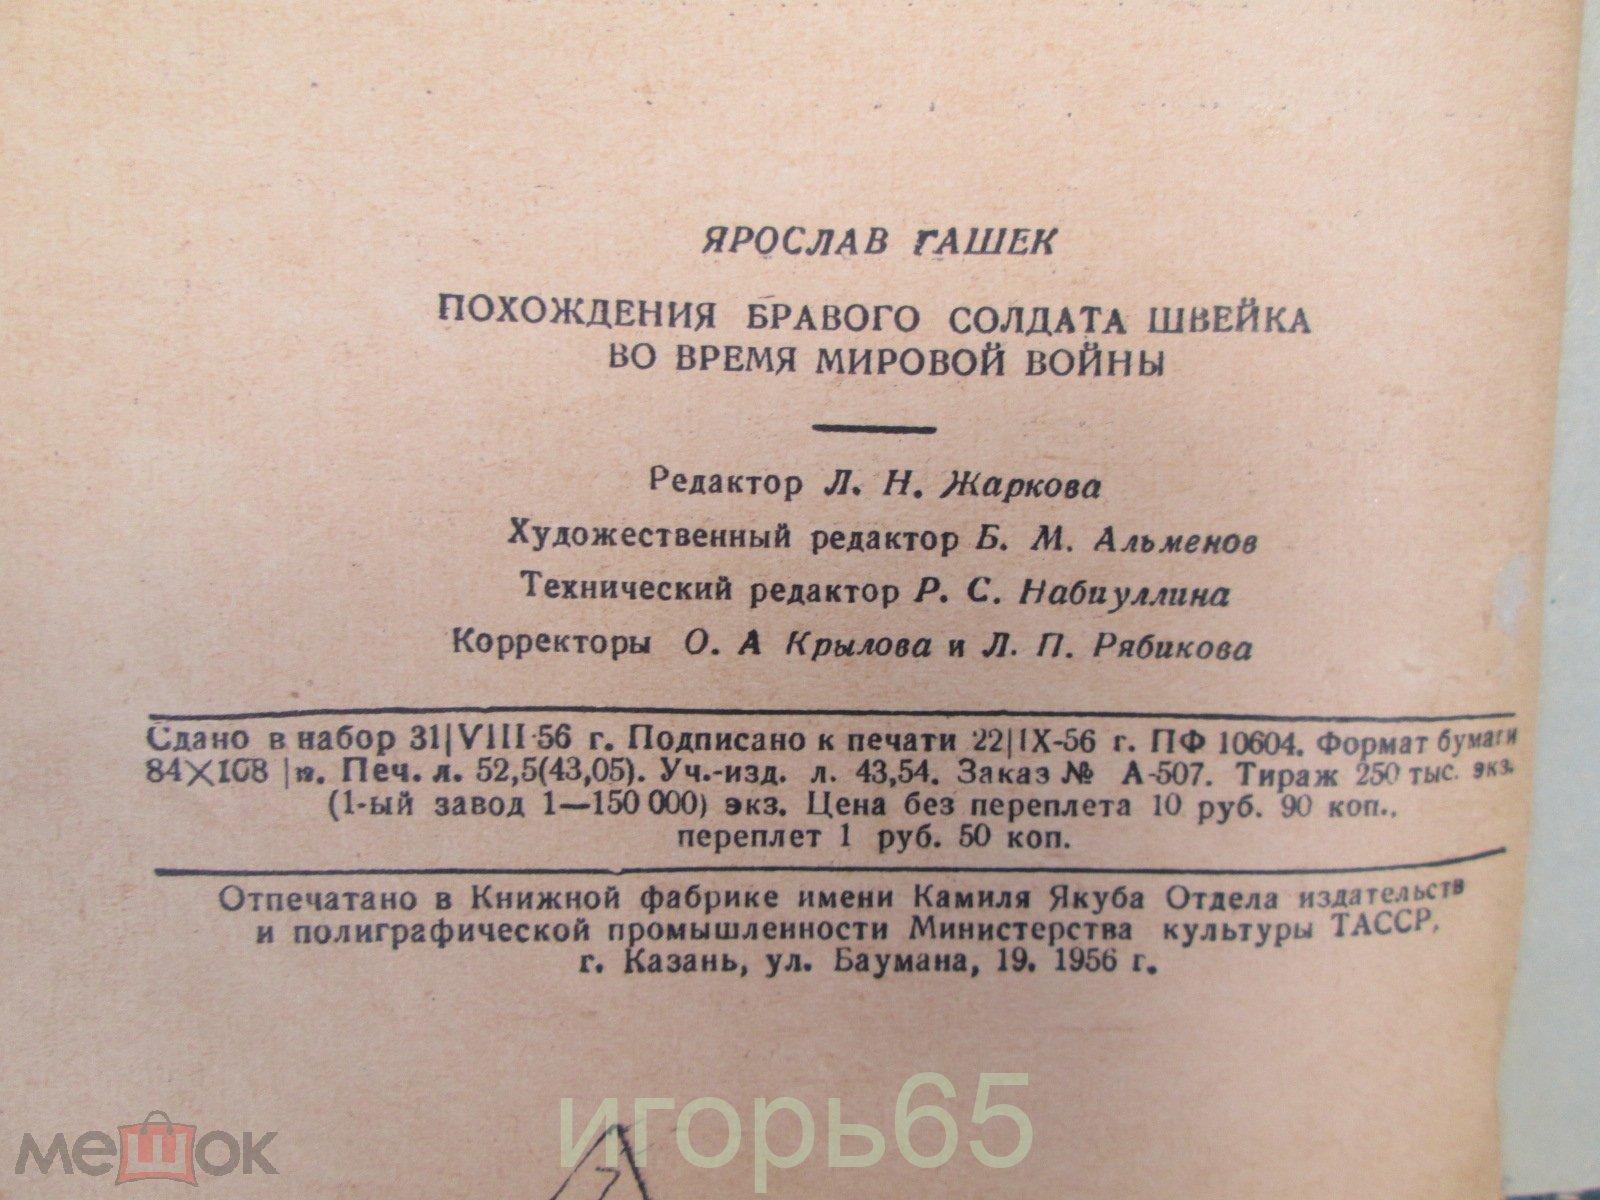 Книга Сказки    Ярослав Гашек   Похождение бравого солдата Швейка  1956  Тираж!!!